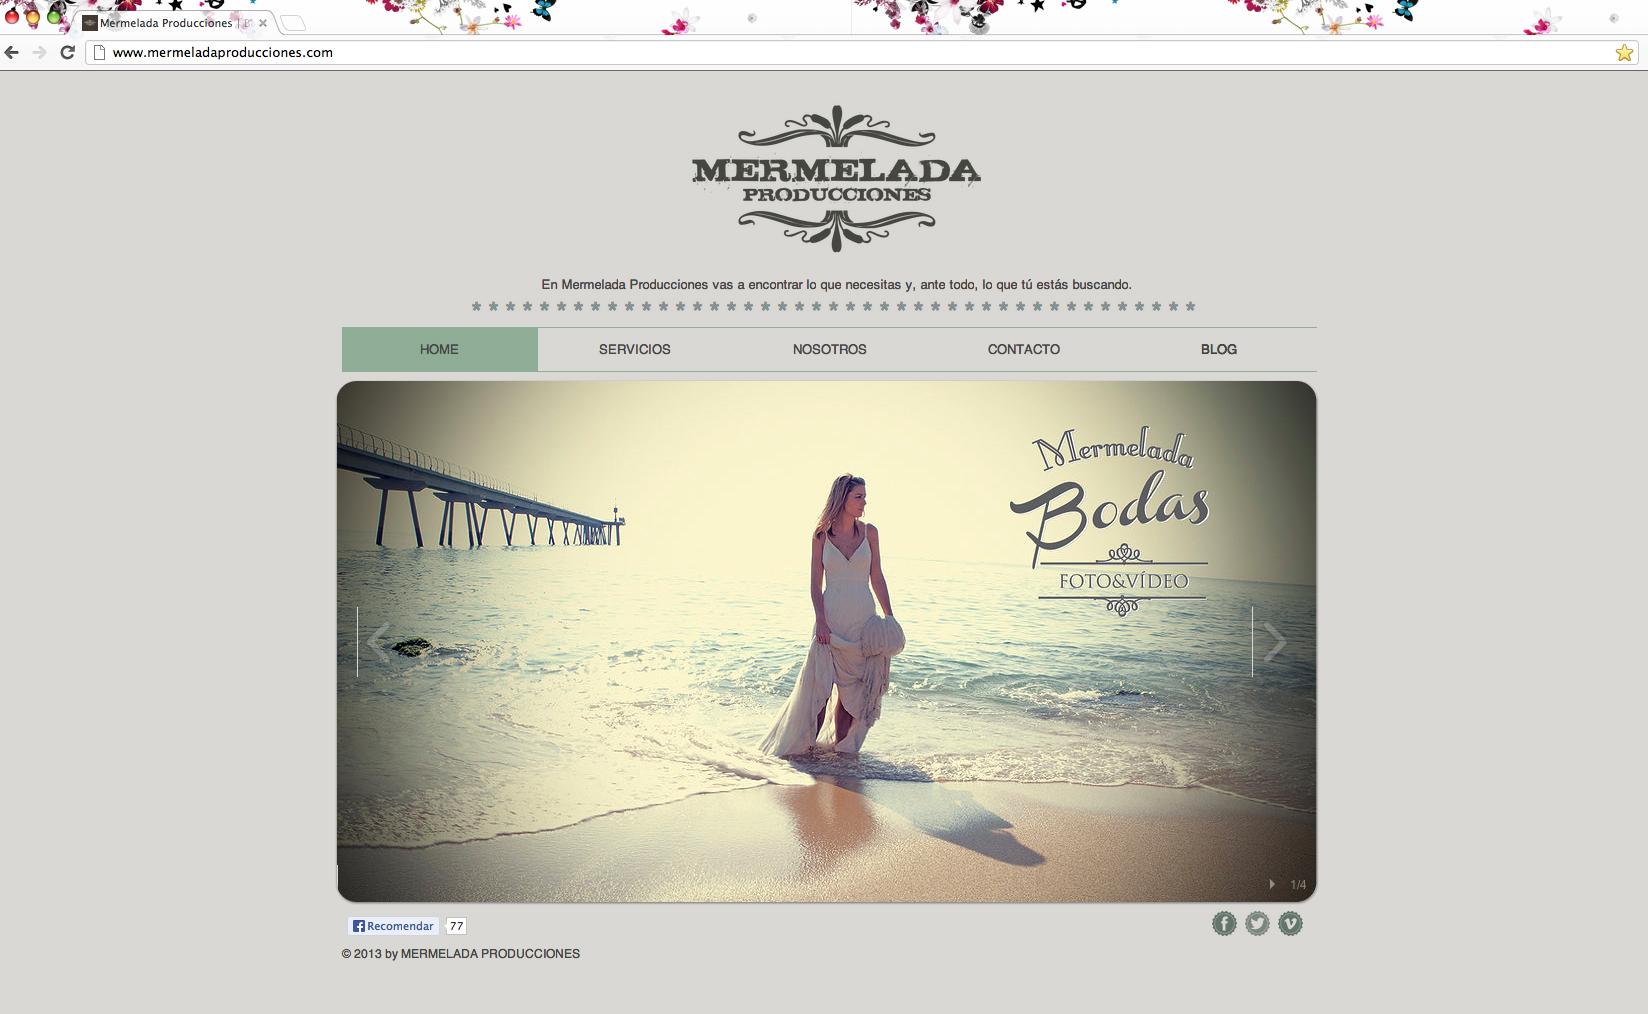 Screenshot del Sitio de Mermelada Producciones